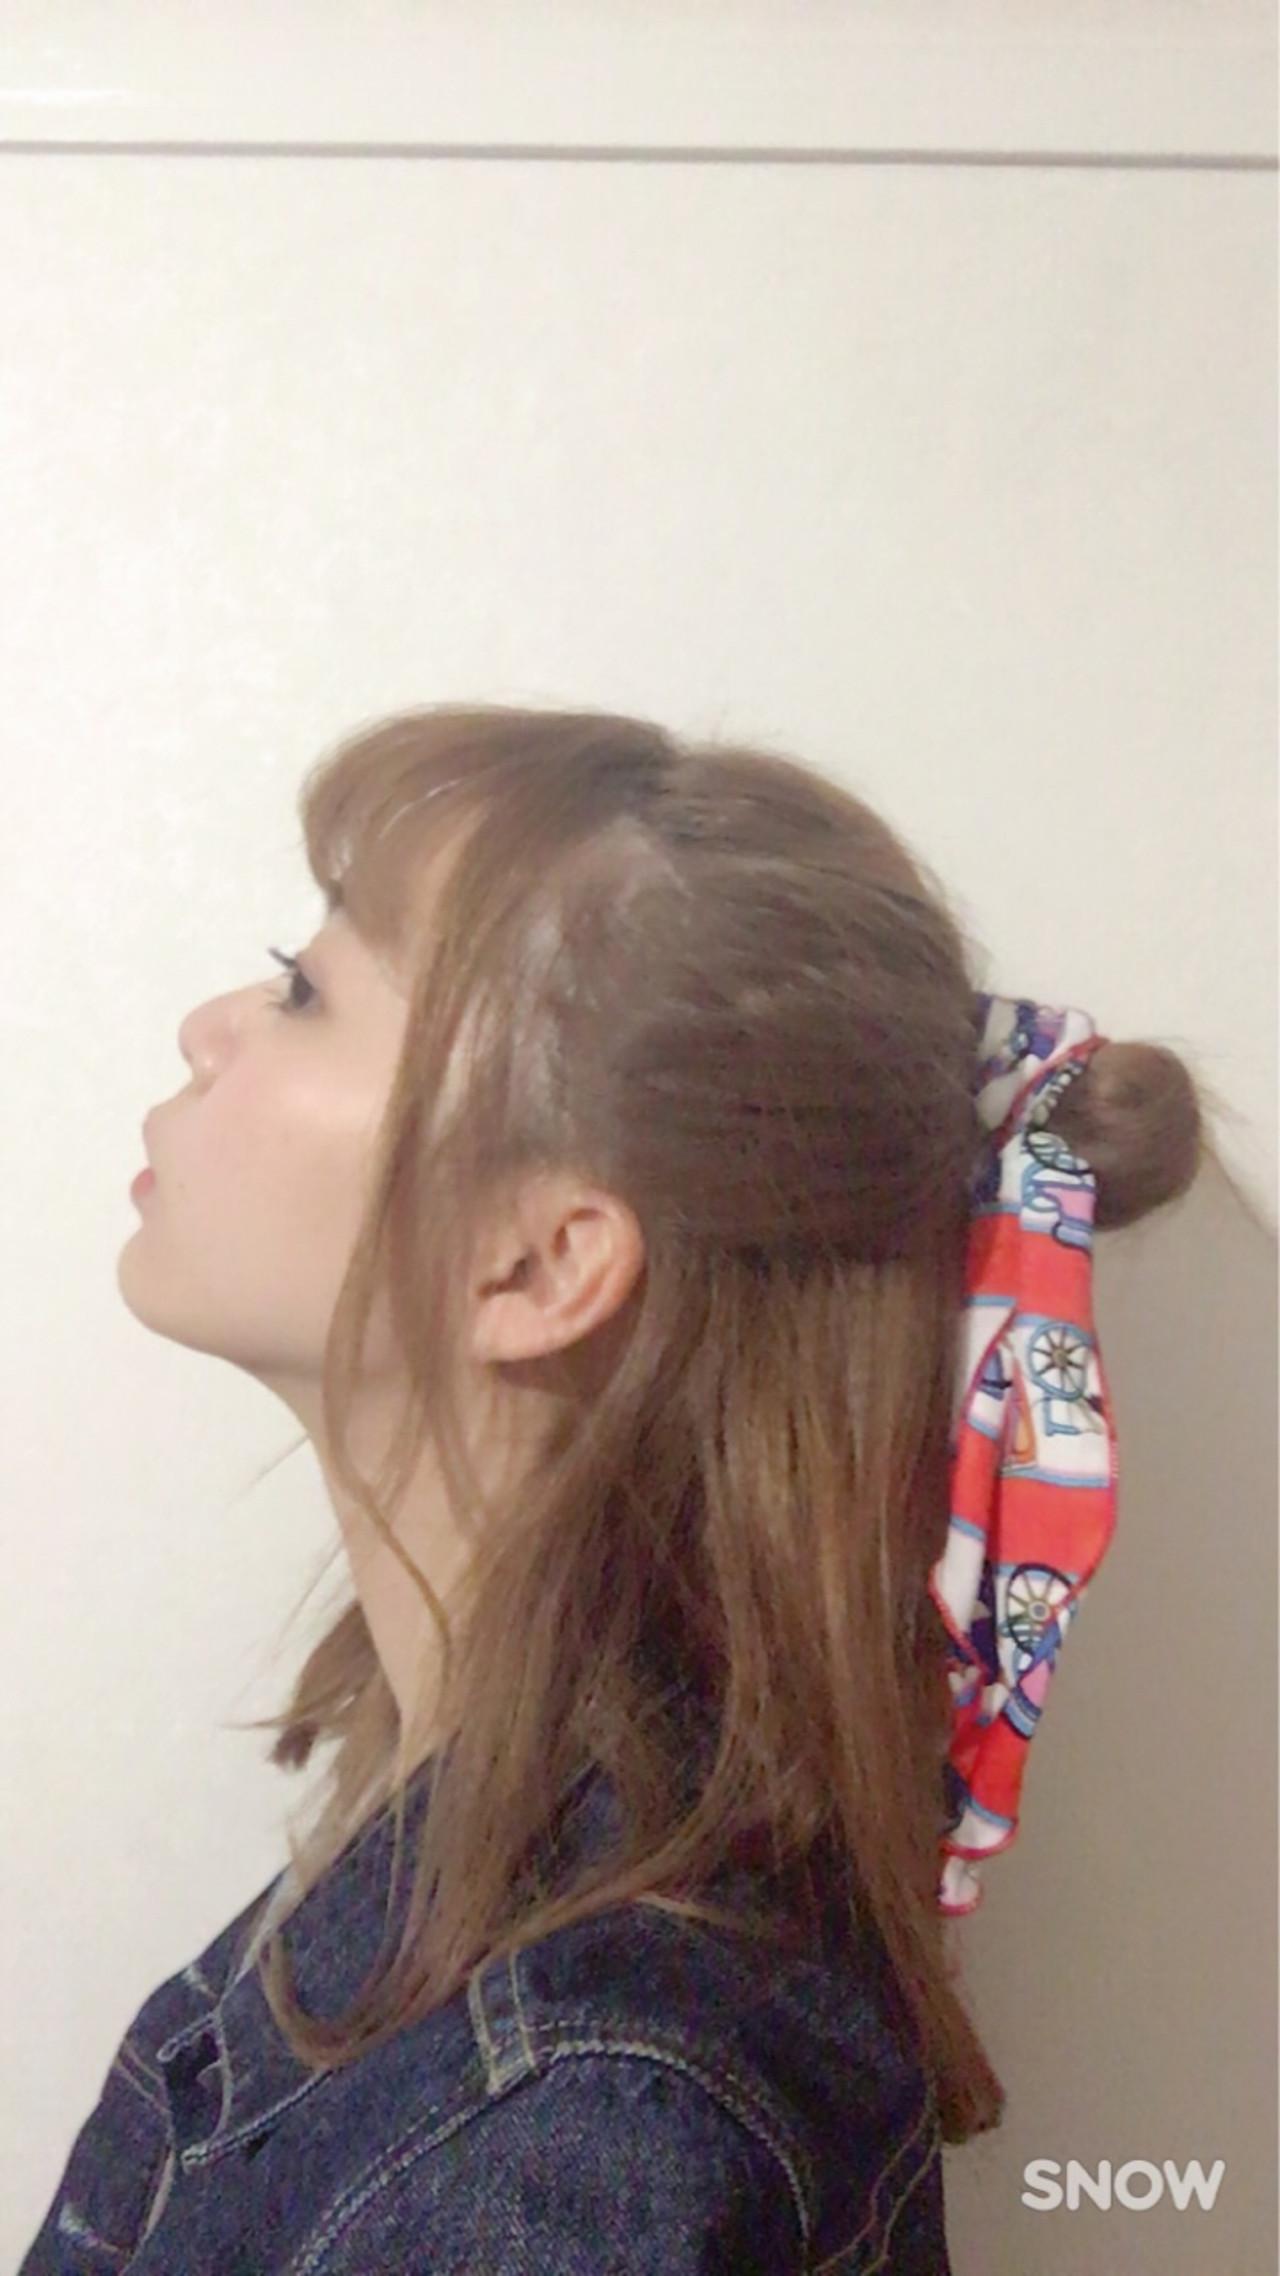 前髪あり ヘアアレンジ ガーリー ショート ヘアスタイルや髪型の写真・画像 | ななほ /